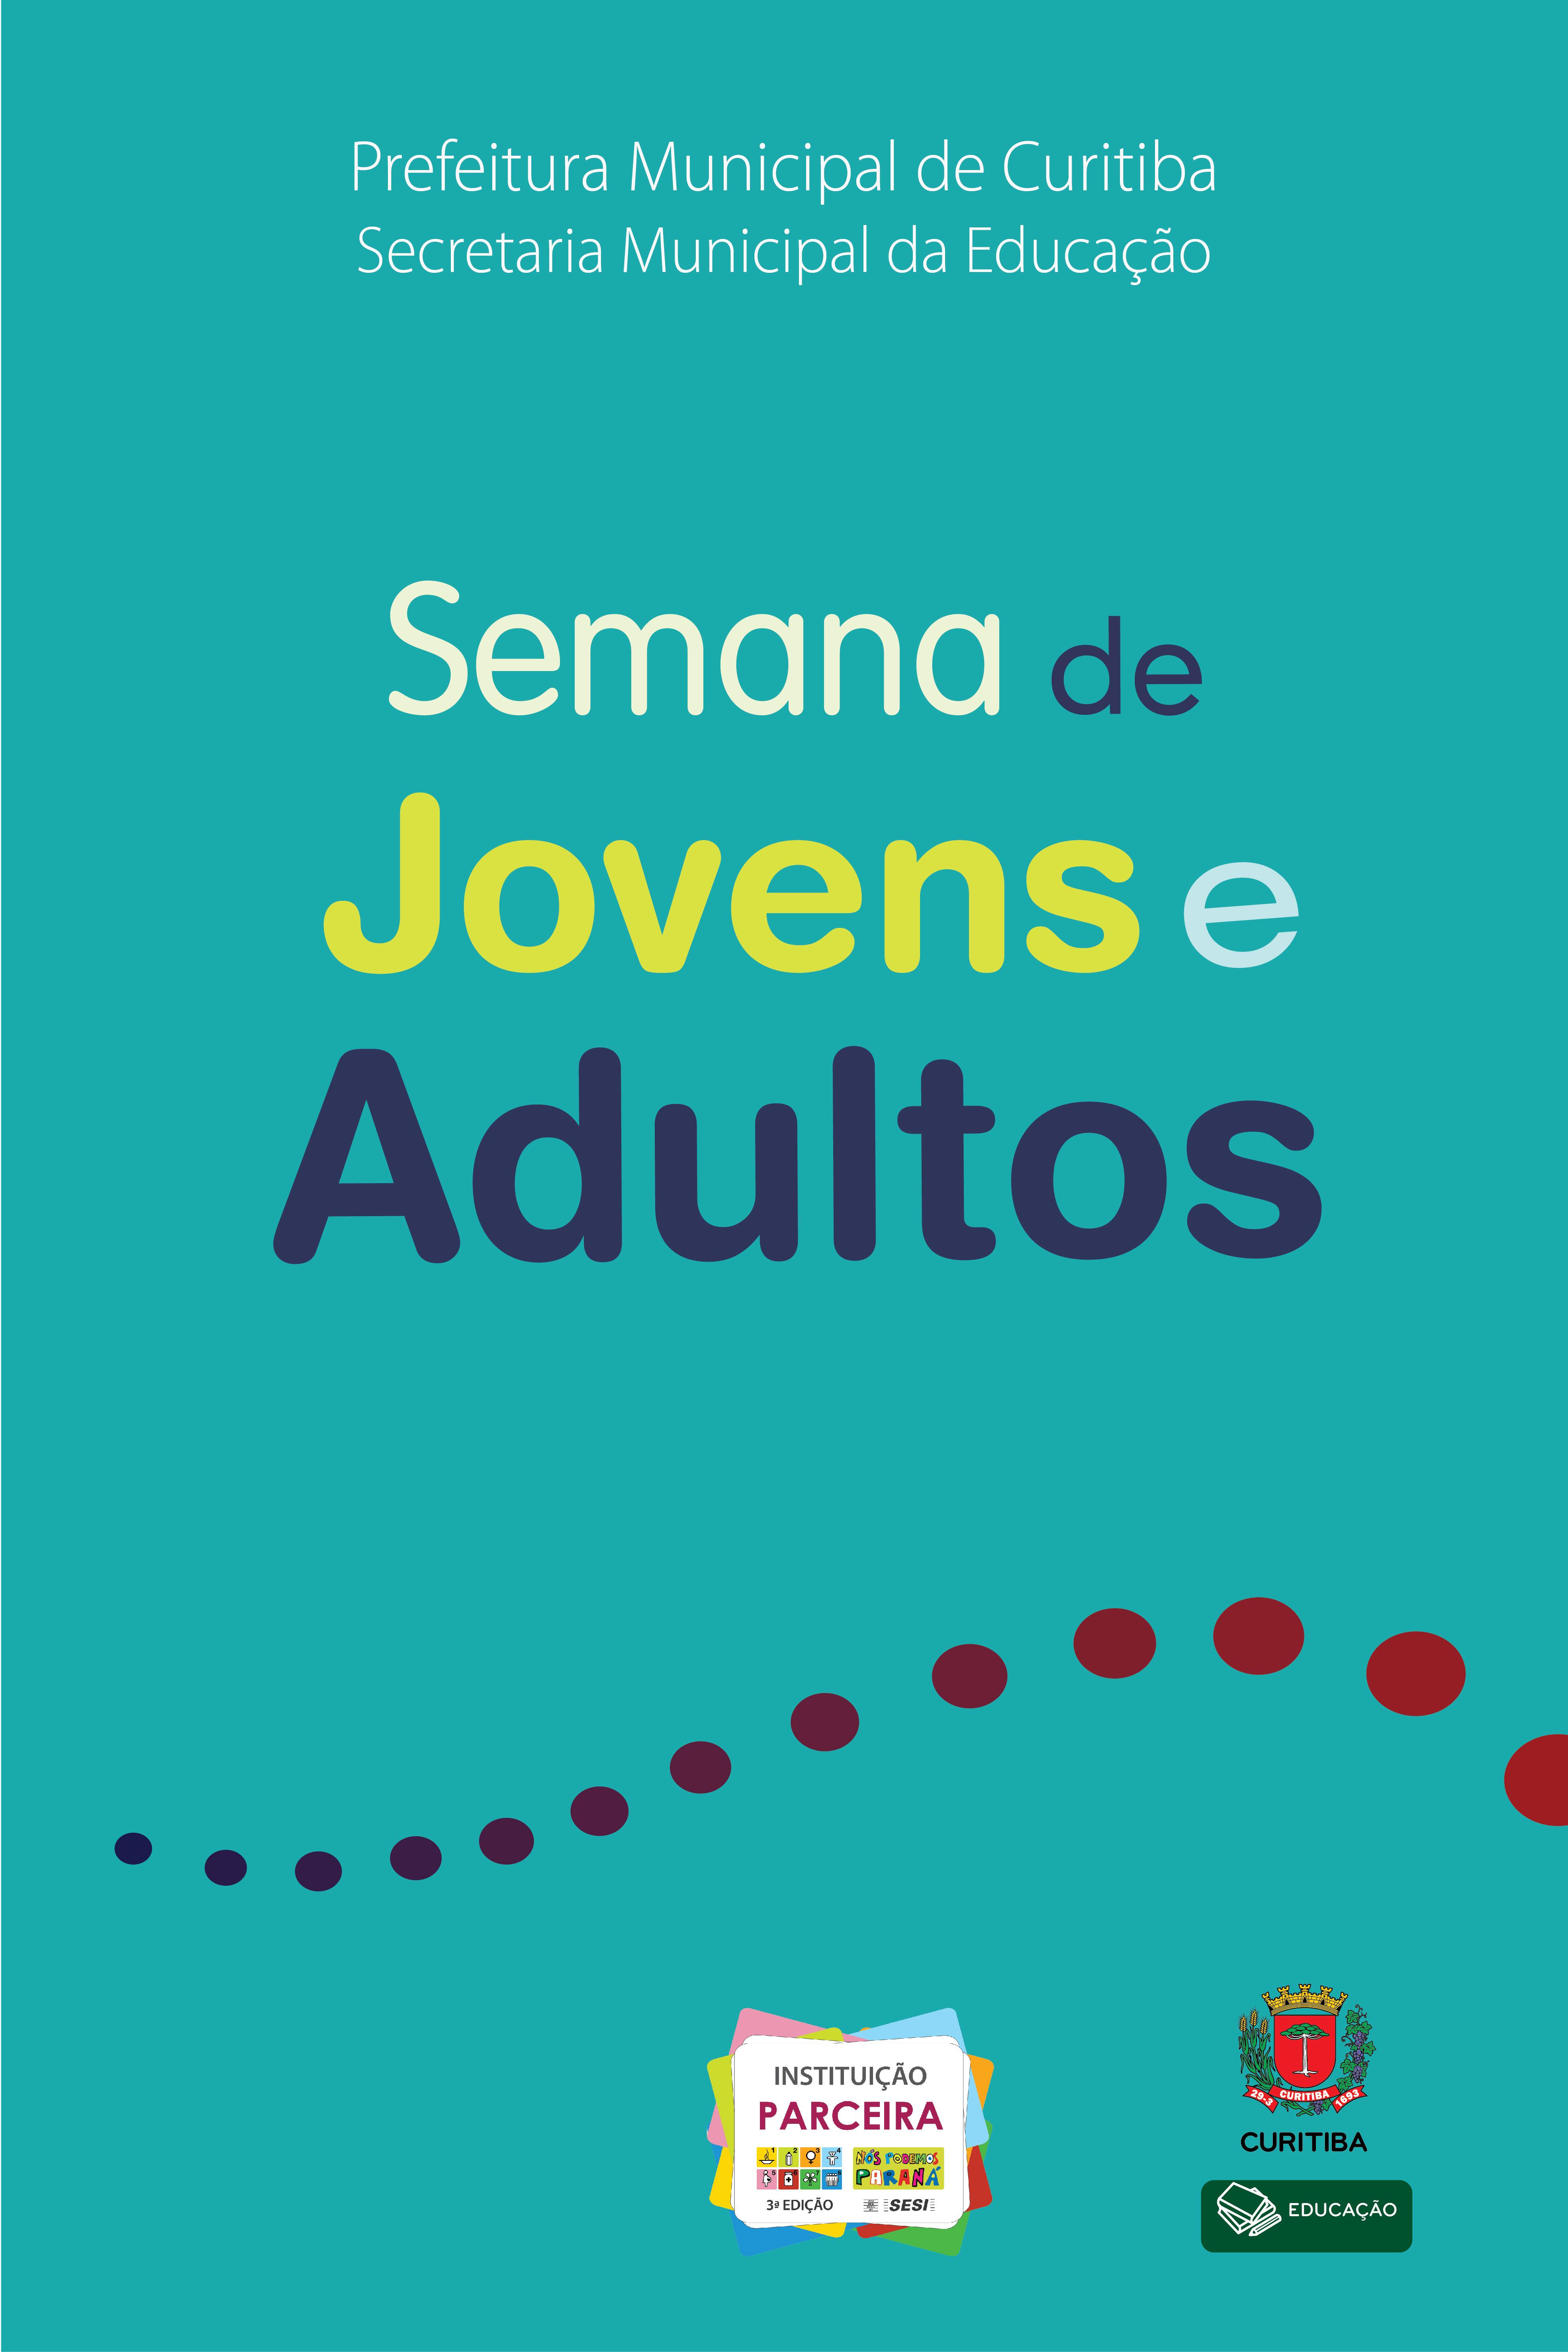 banner semana de jovens e adultos-01